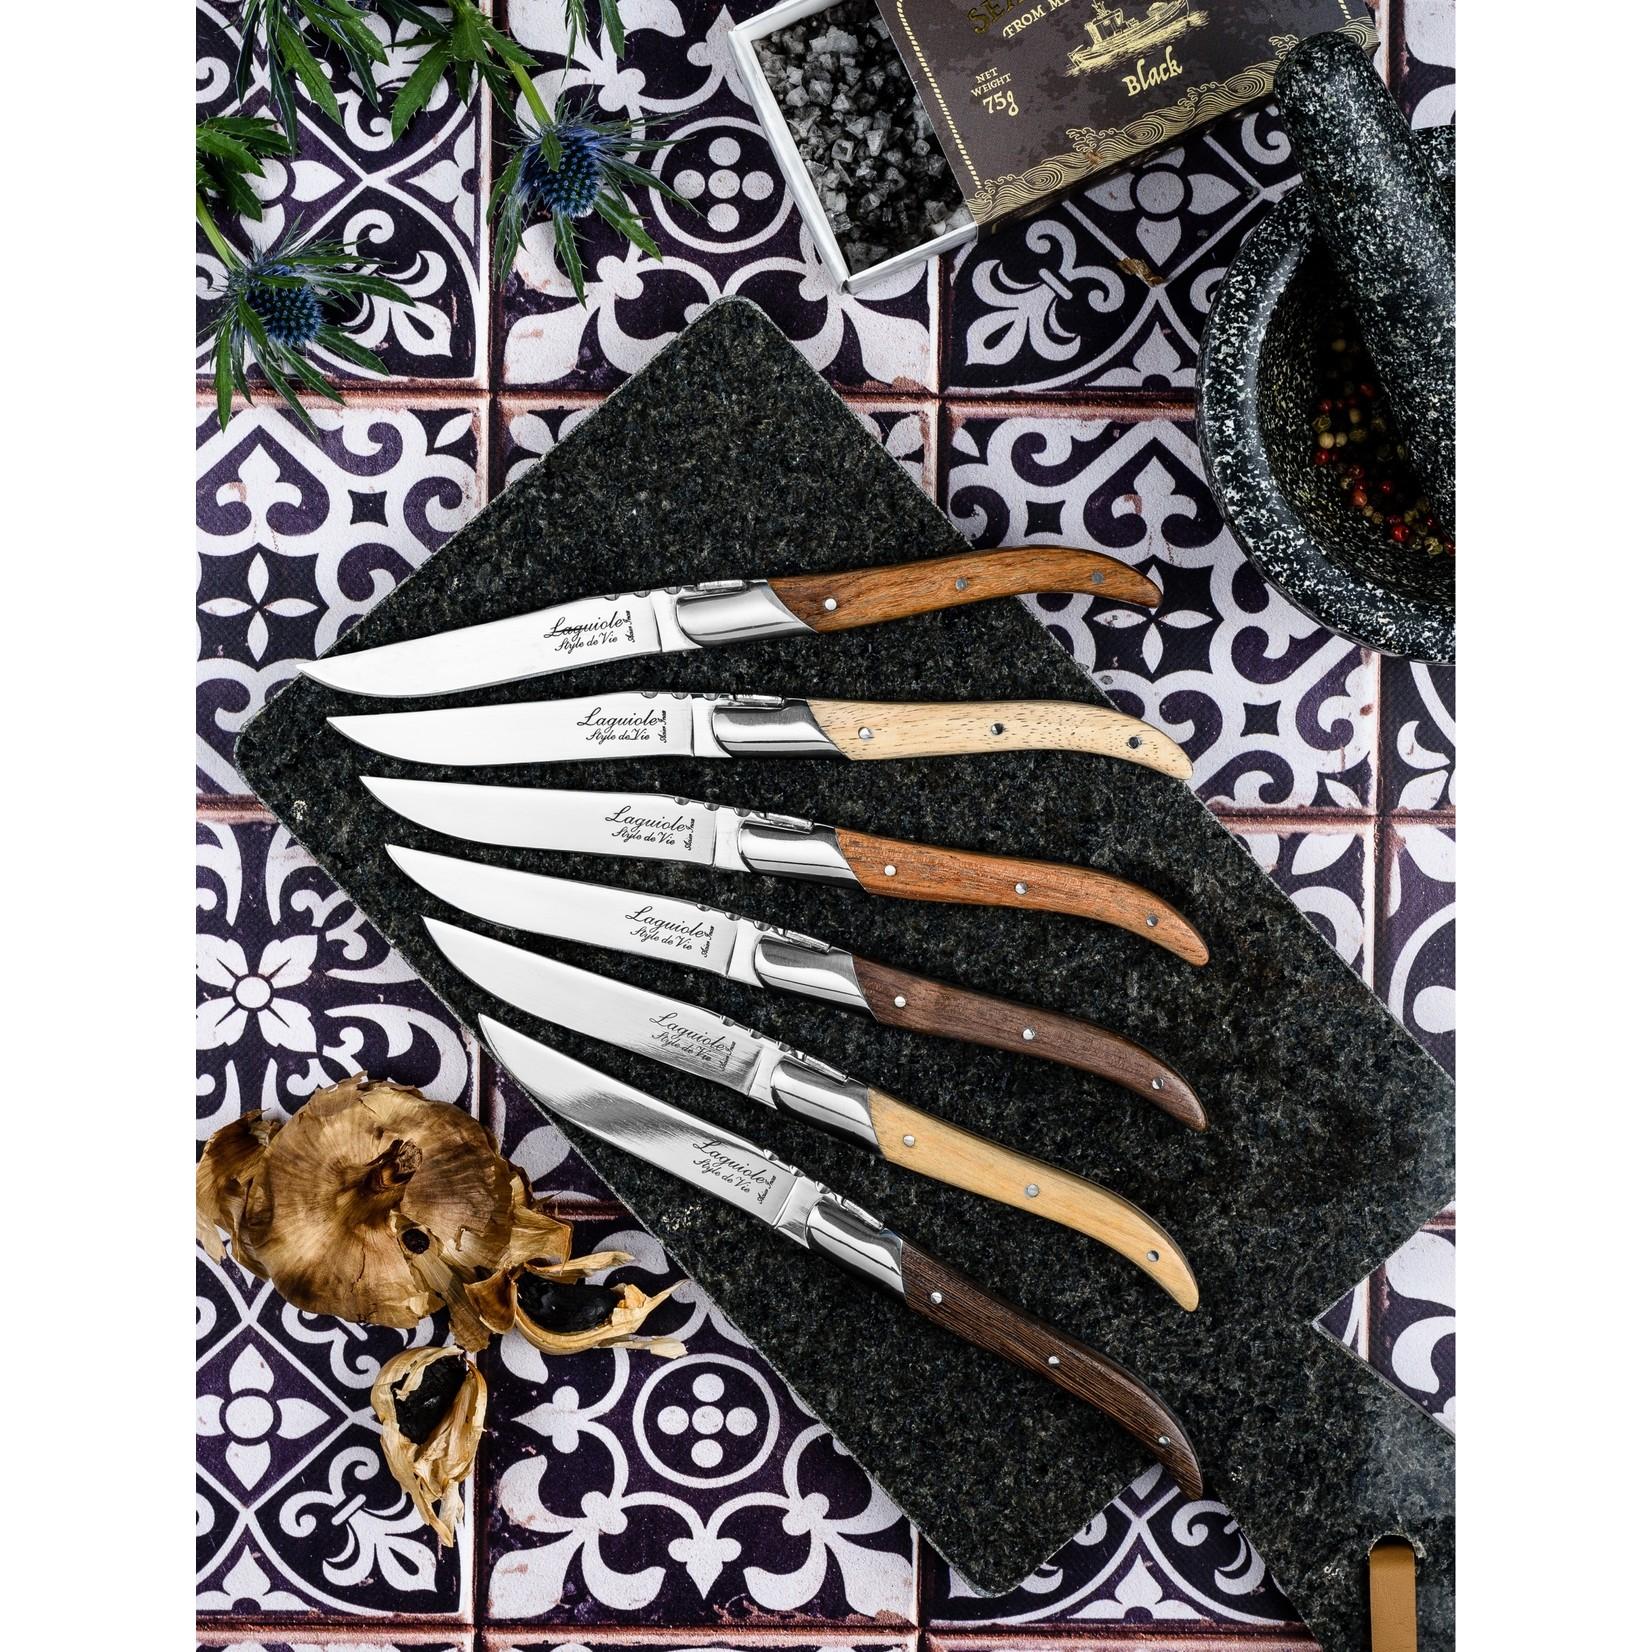 Laguiole Style de Vie Laguiole Style de Vie Luxury Line Steakmessenset 6-delig gemengd hout